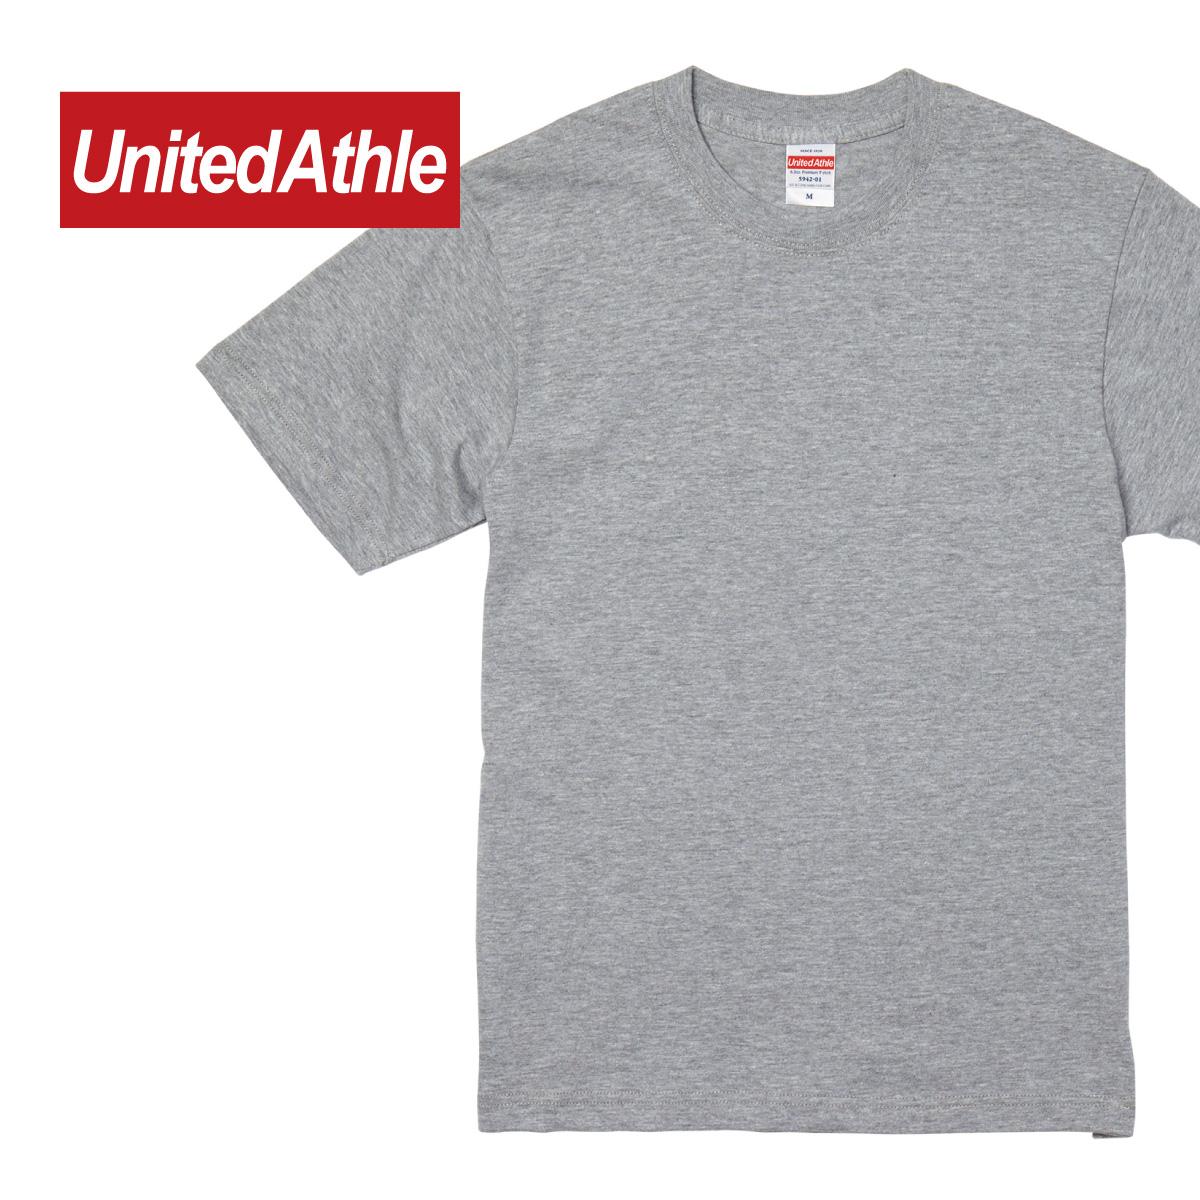 Tシャツ 半袖 メンズ 厚手 大きいサイズ 無地 United 市販 Athle ユナイテッドアスレ XXL 国内在庫 XXXL 594201 プレミアム 5942-01 ホワイト ブラック 6.2オンス